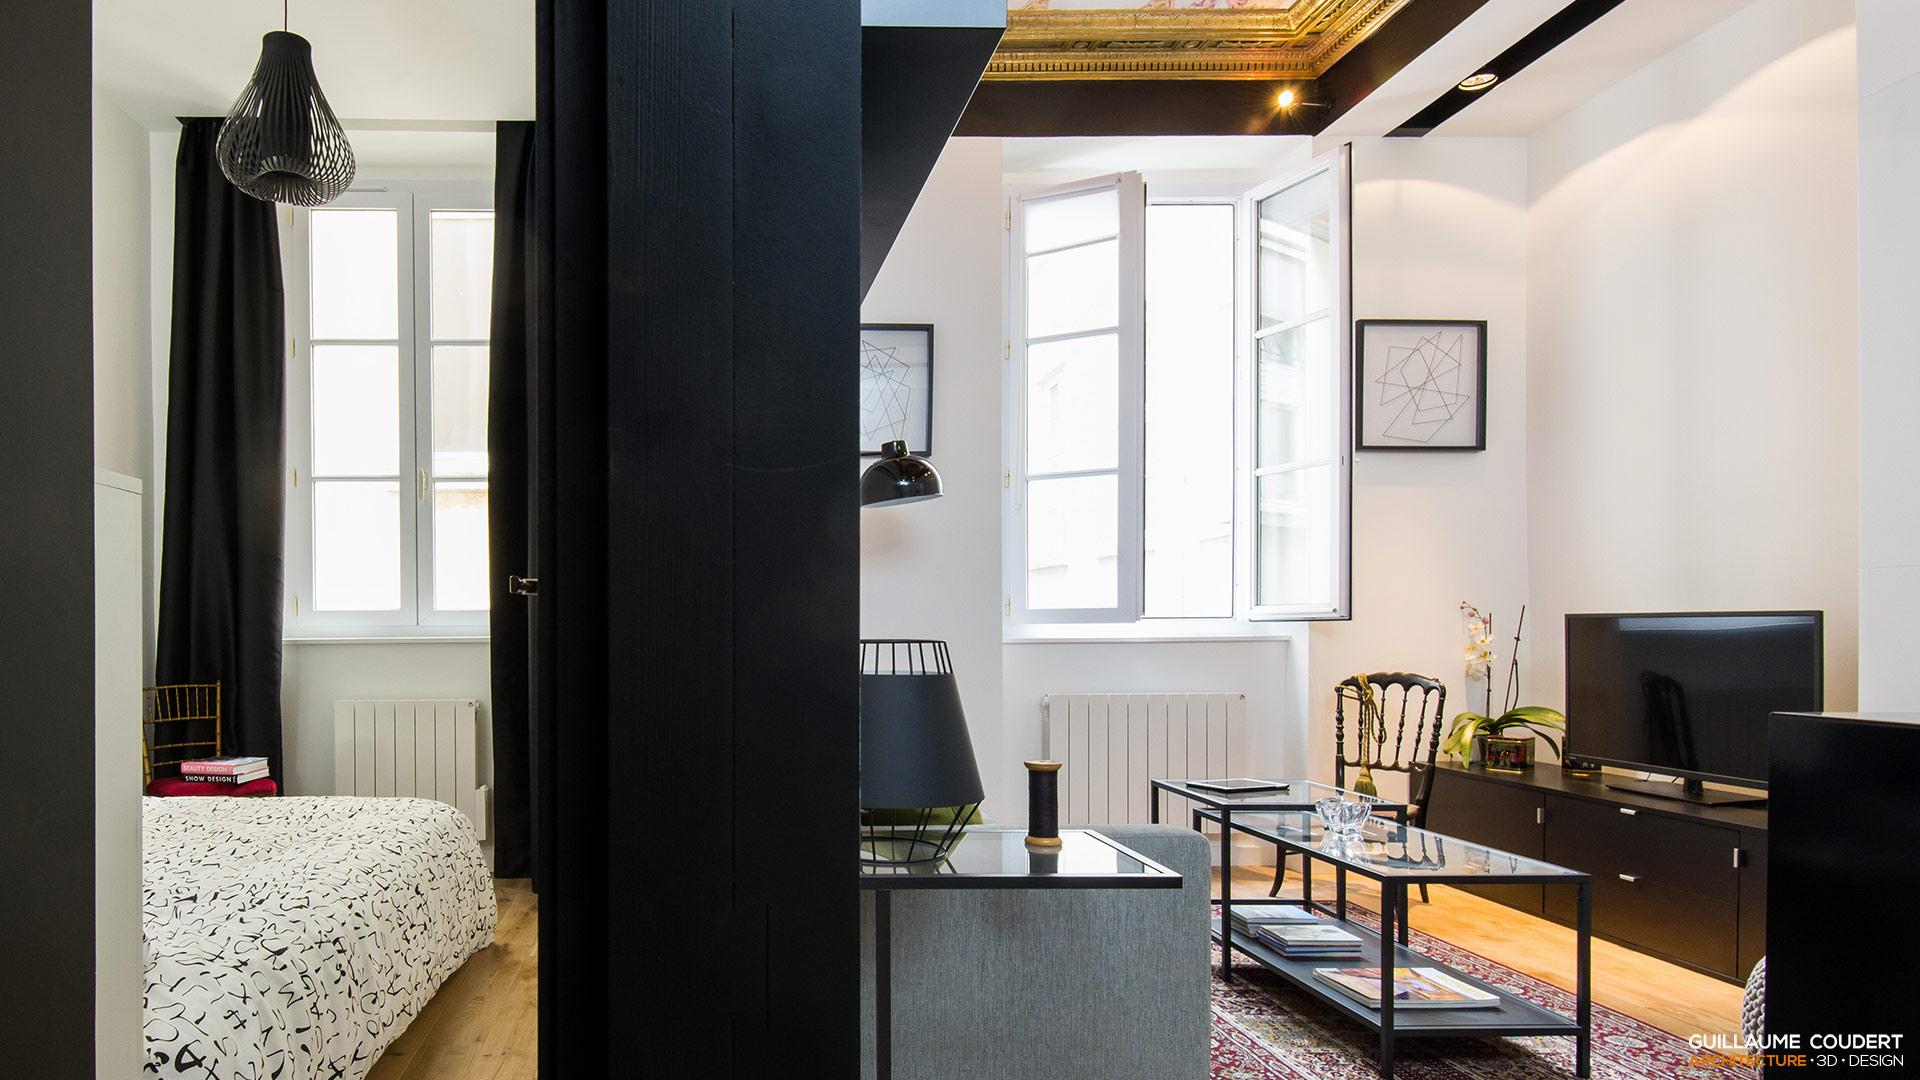 appartement su03 lyon 69002 guillaume coudert architecture d 39 int rieur. Black Bedroom Furniture Sets. Home Design Ideas